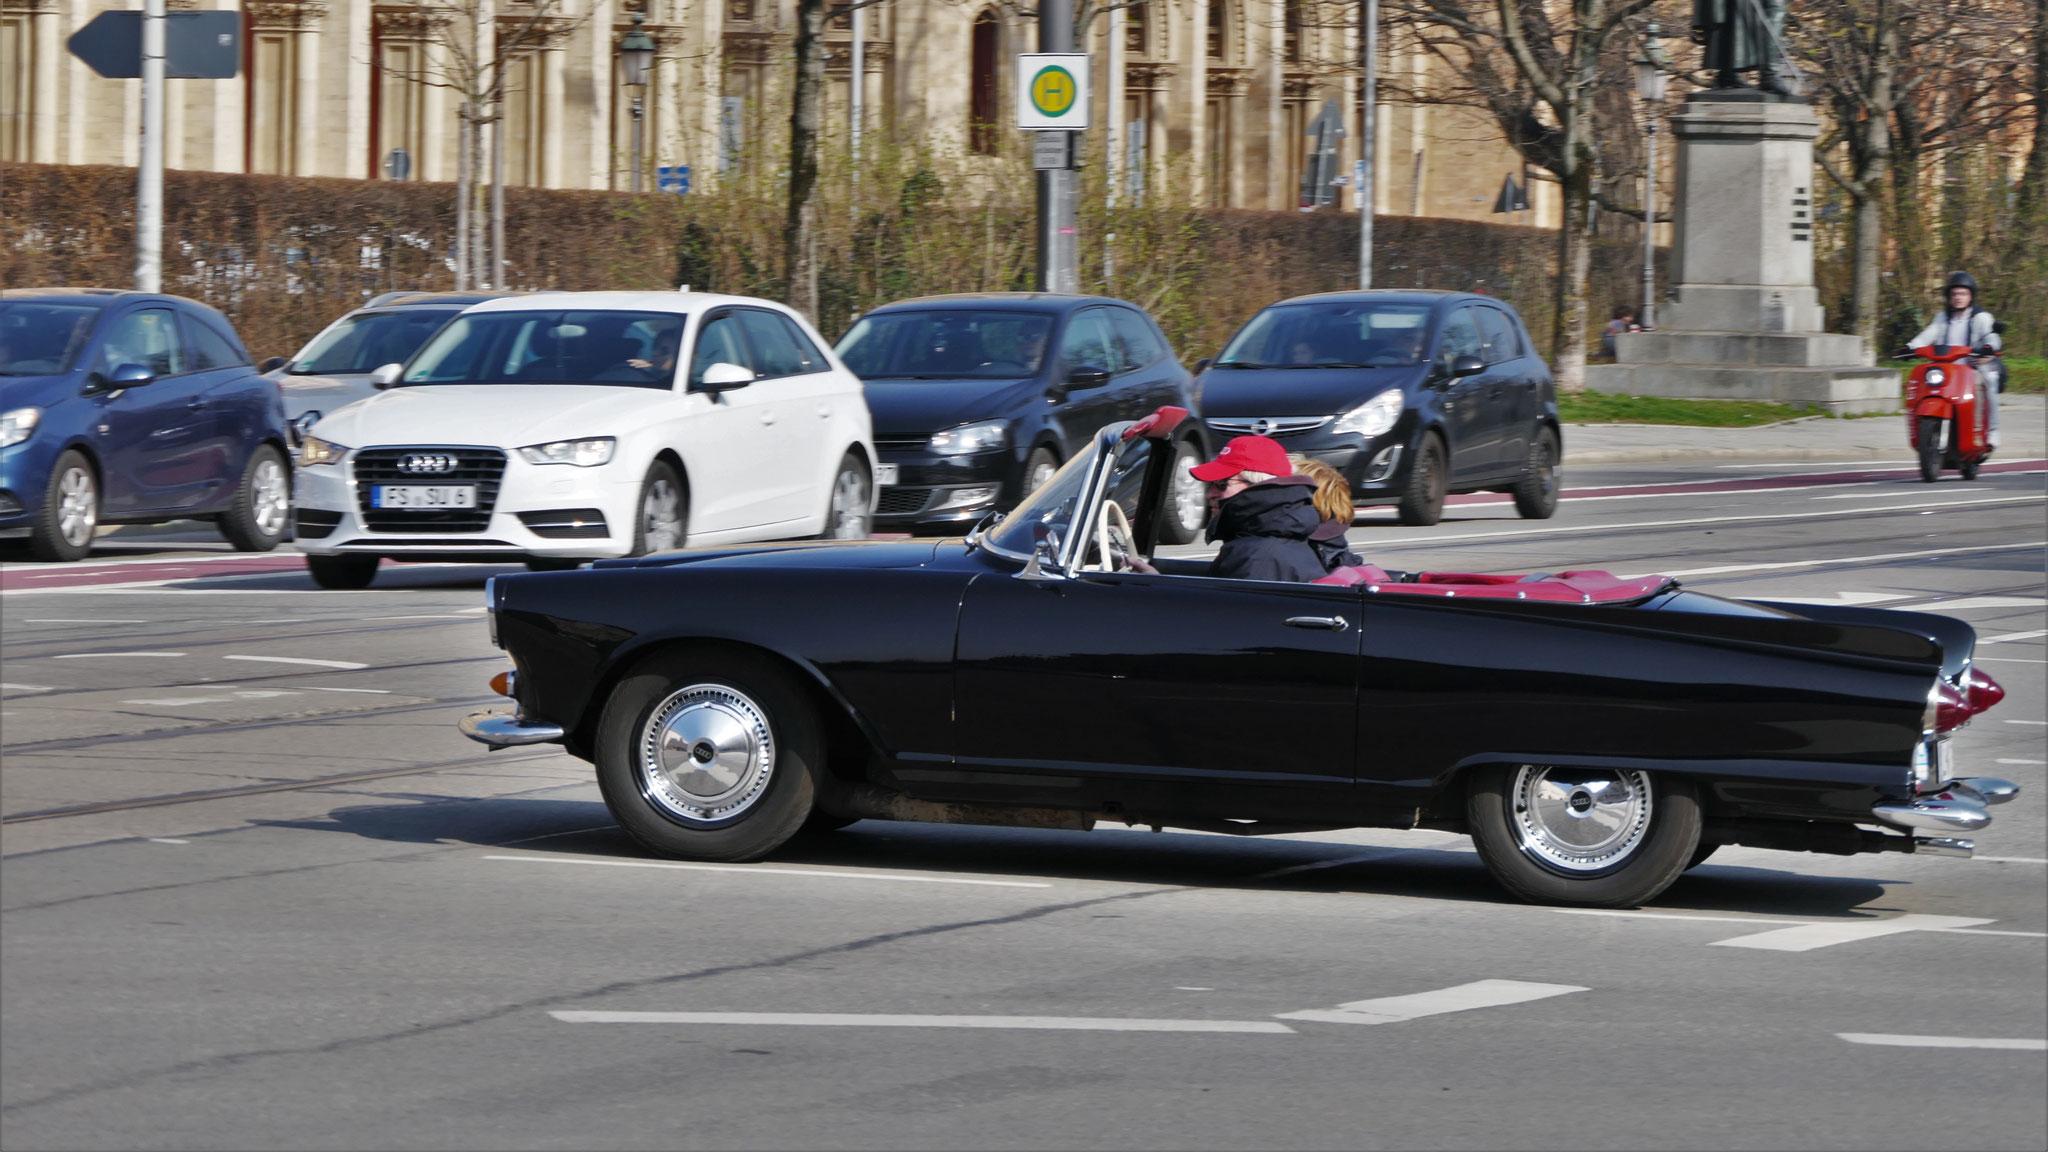 Auto Union DKW 1000 SP Cabrio - IN-R-200H